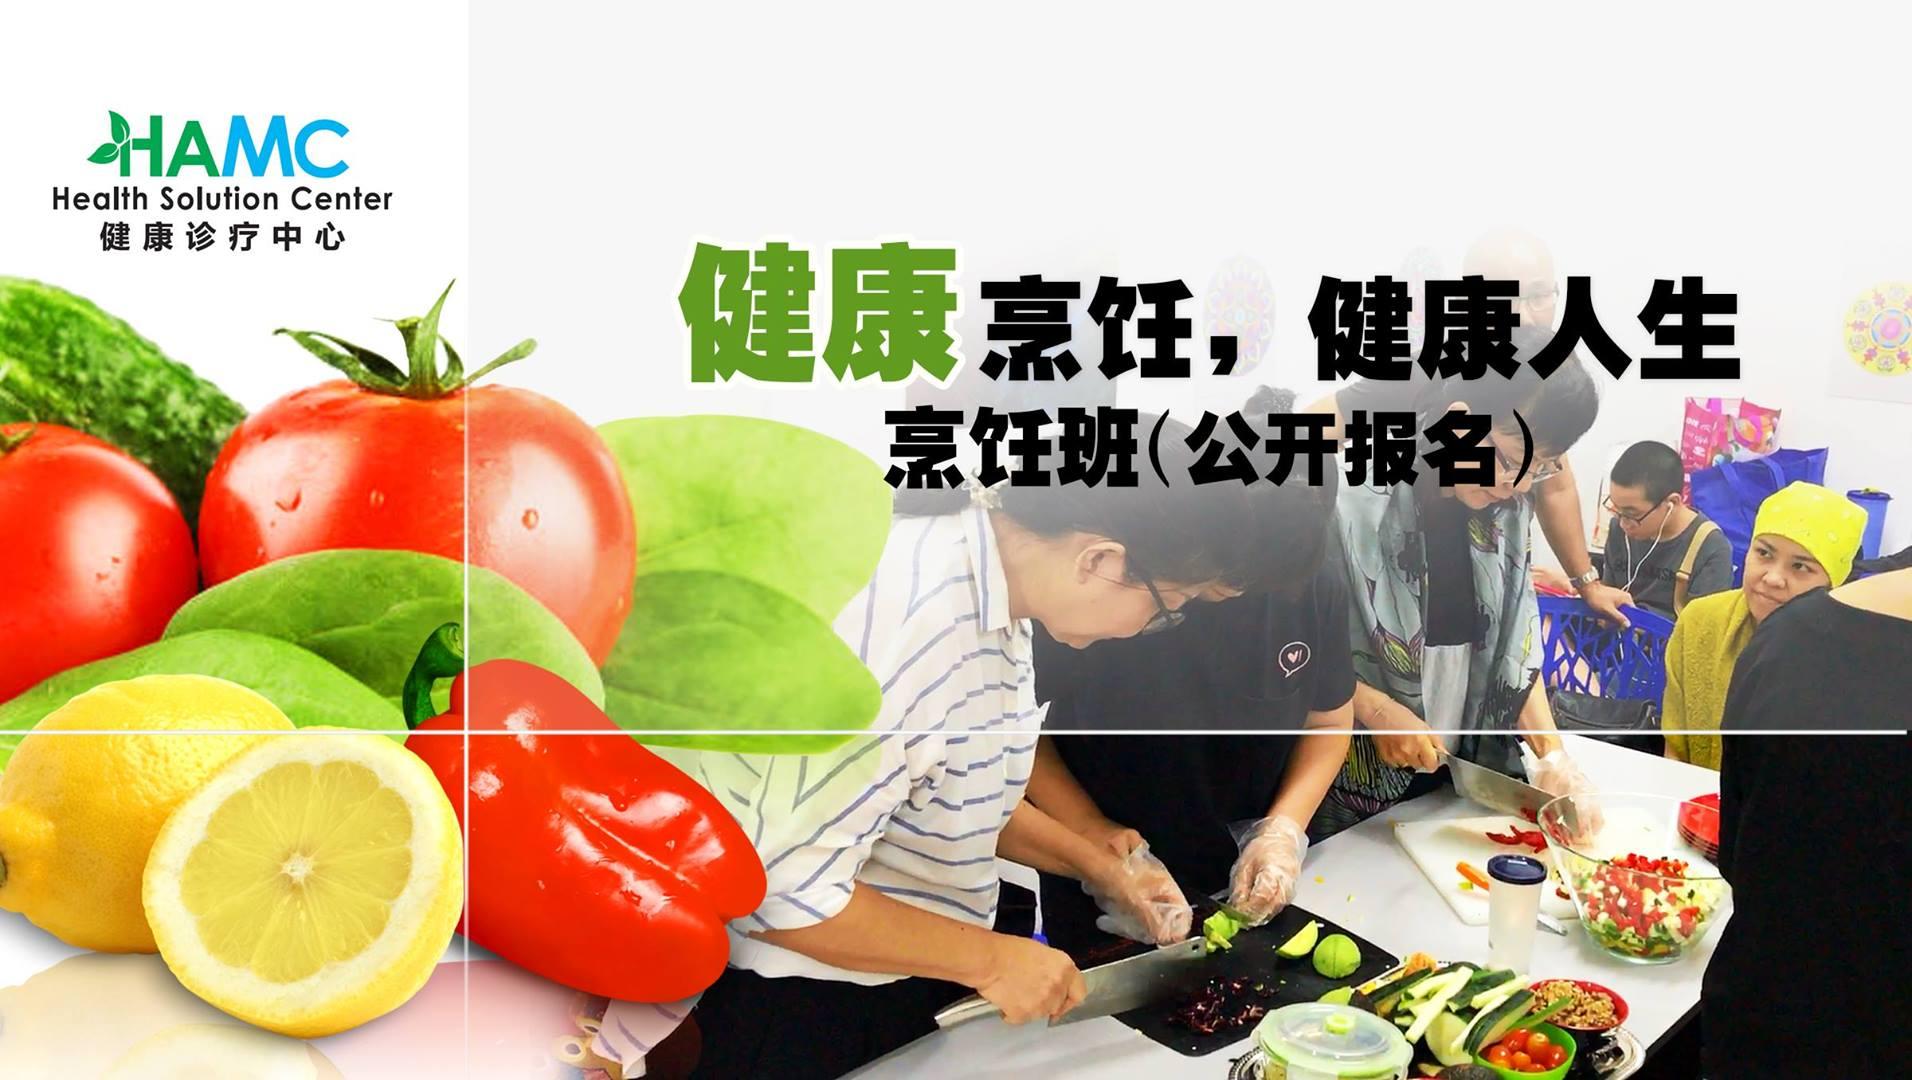 【健康烹饪班 让你煮出健康人生👨🏻🍳👩🏻🍳 】